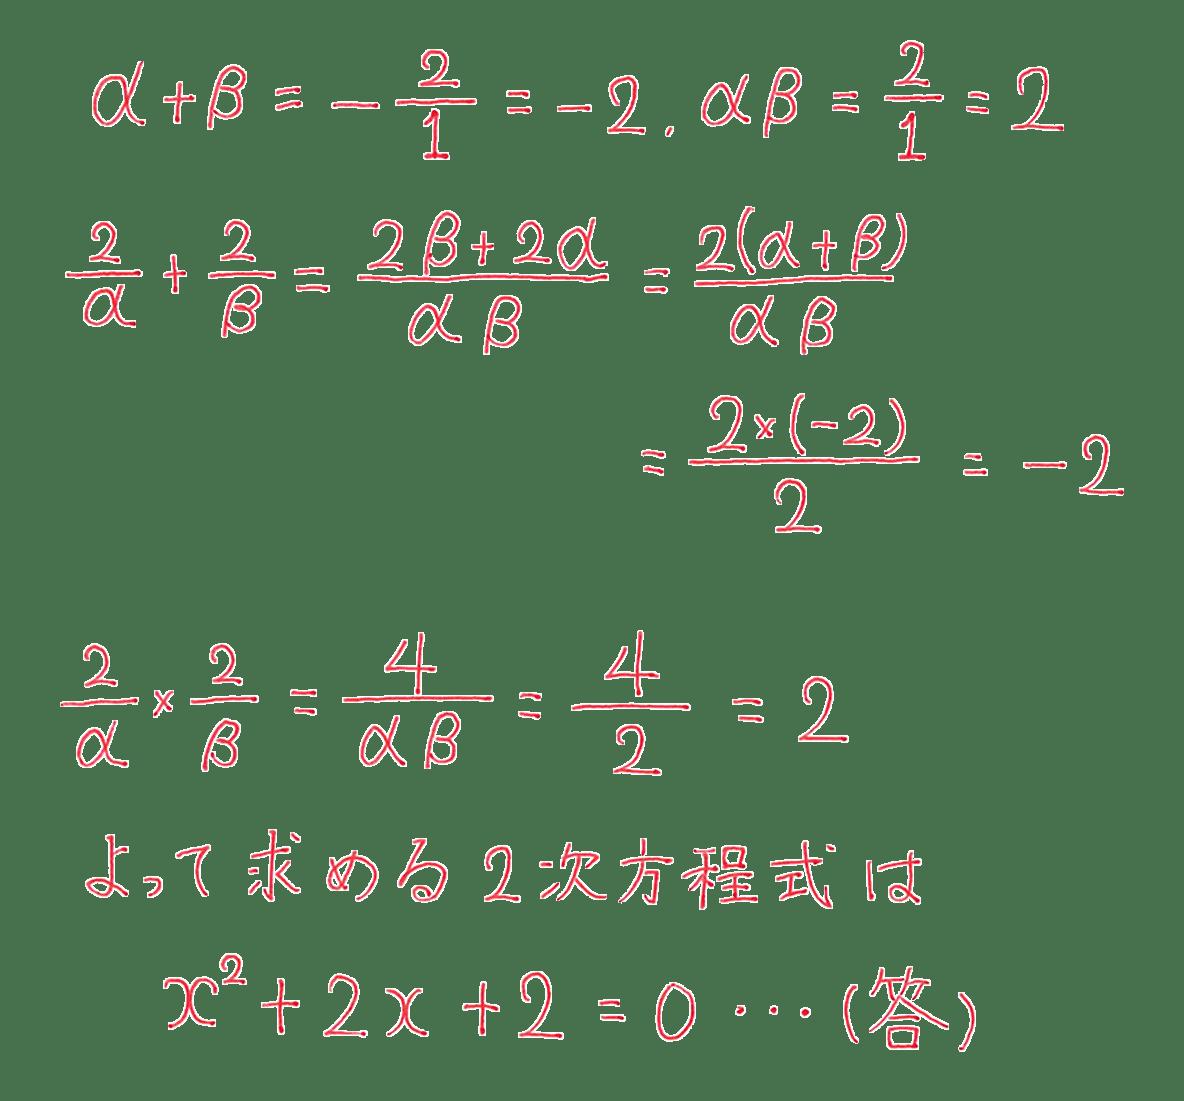 高校数学Ⅱ 複素数と方程式13 練習 答え